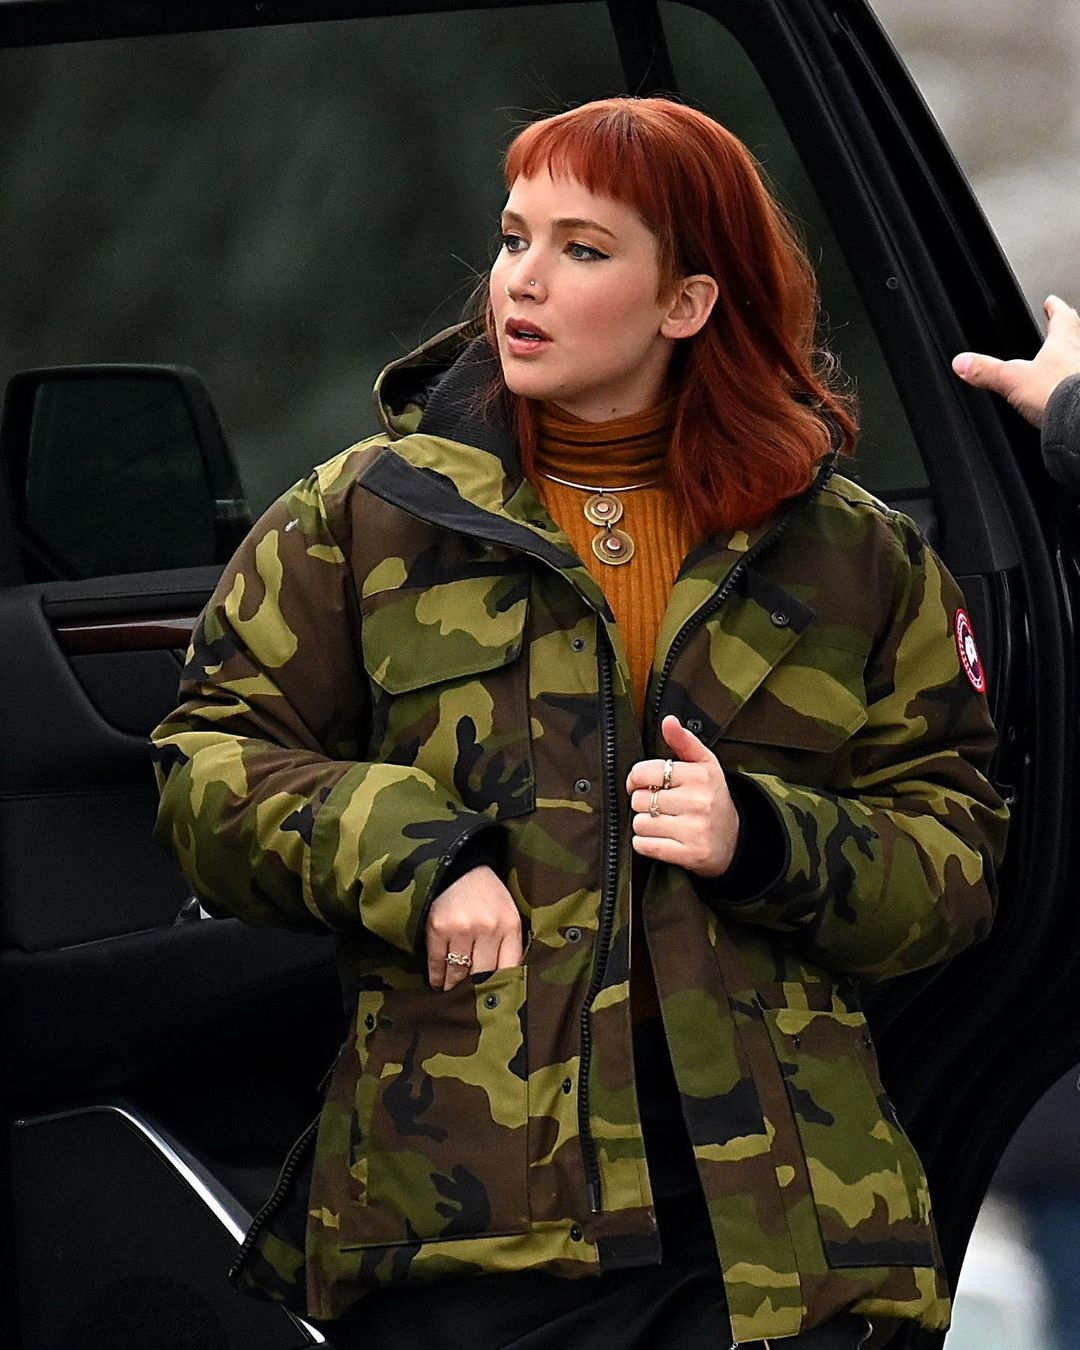 """Дженнифер Лоуренс получила ранение во время съемок фильма """"Не смотри вверх"""" - фото №1"""